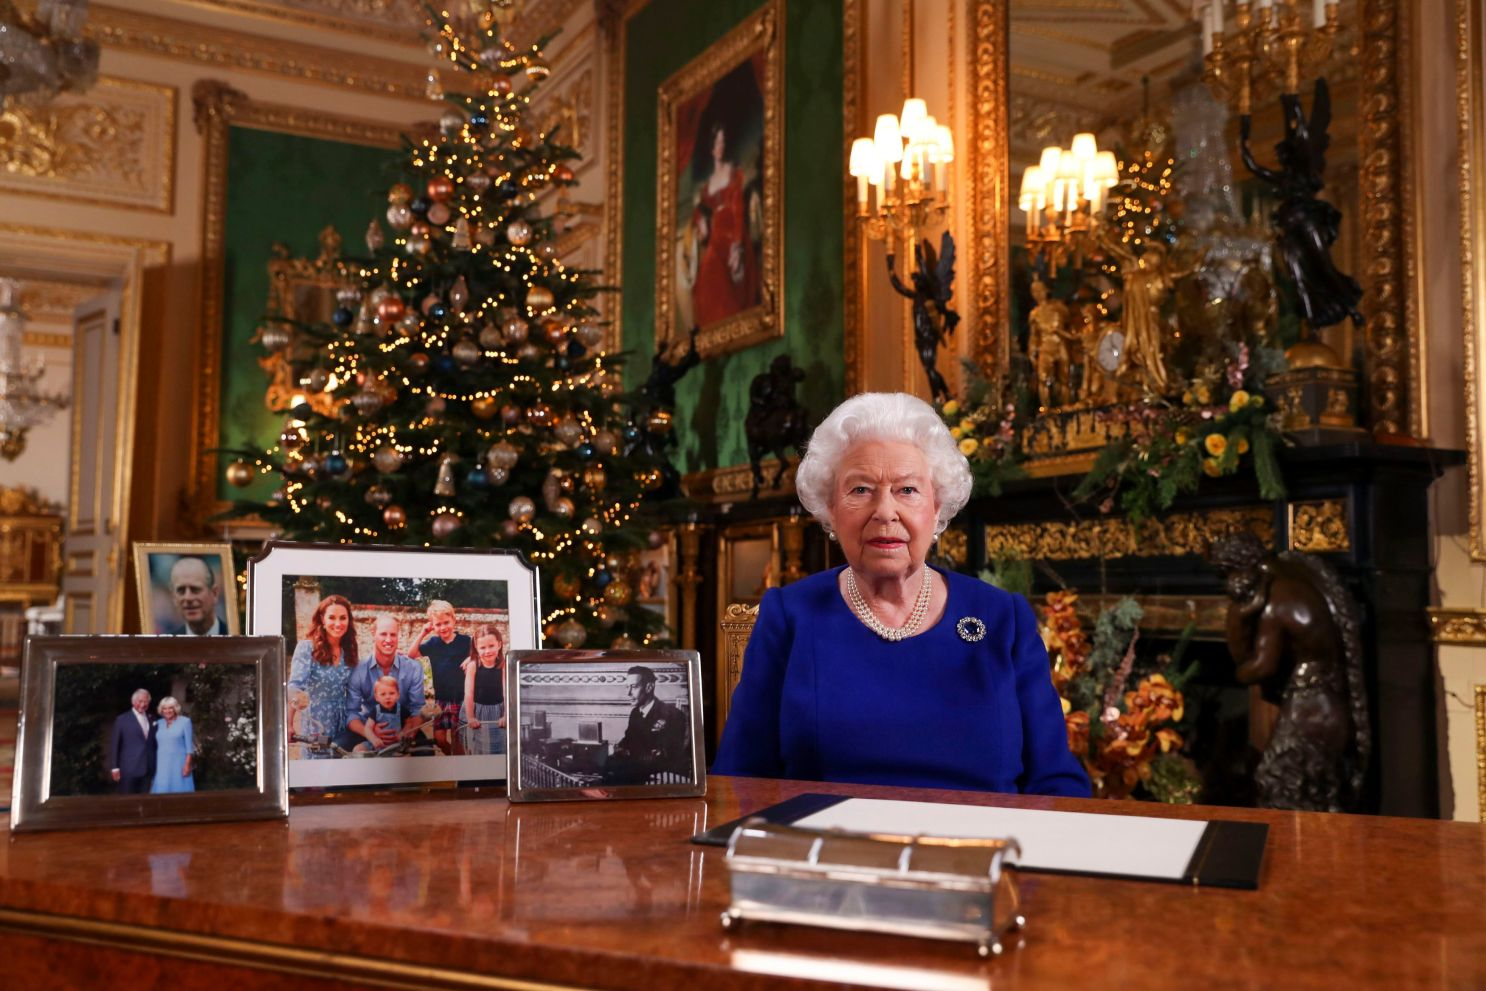 Gli auguri di Natale della Regina Elisabetta arrivano su Alexa thumbnail